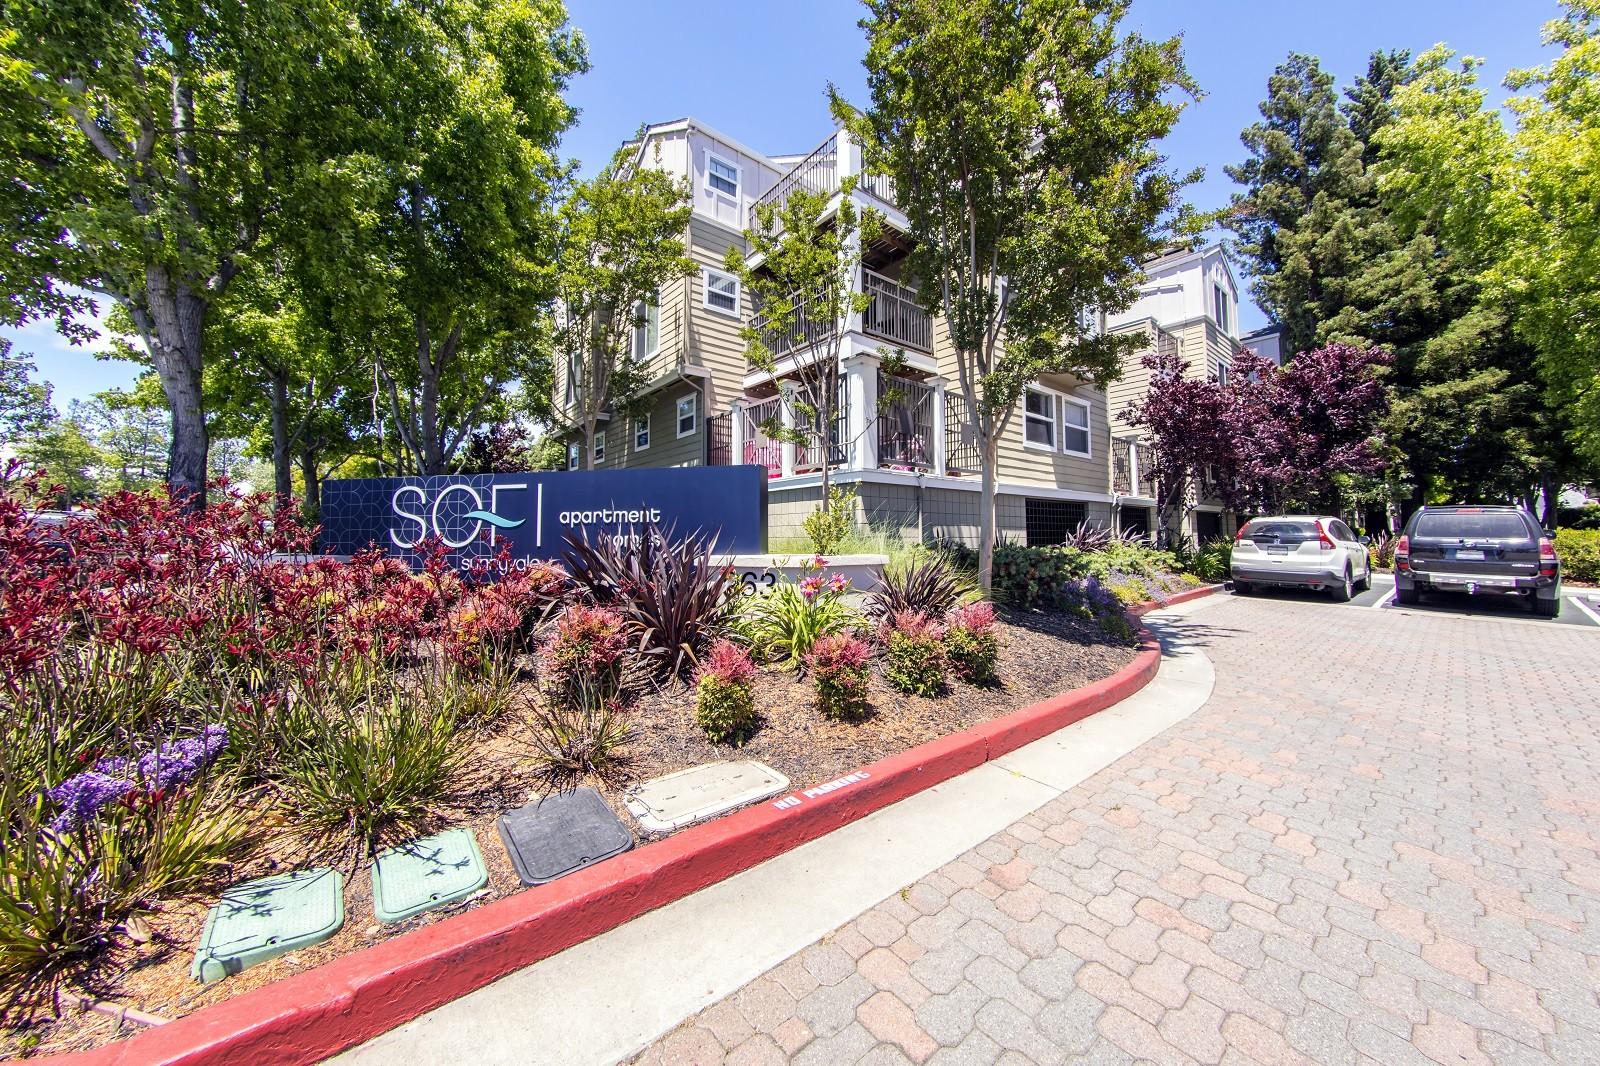 Sofi Sunnyvale